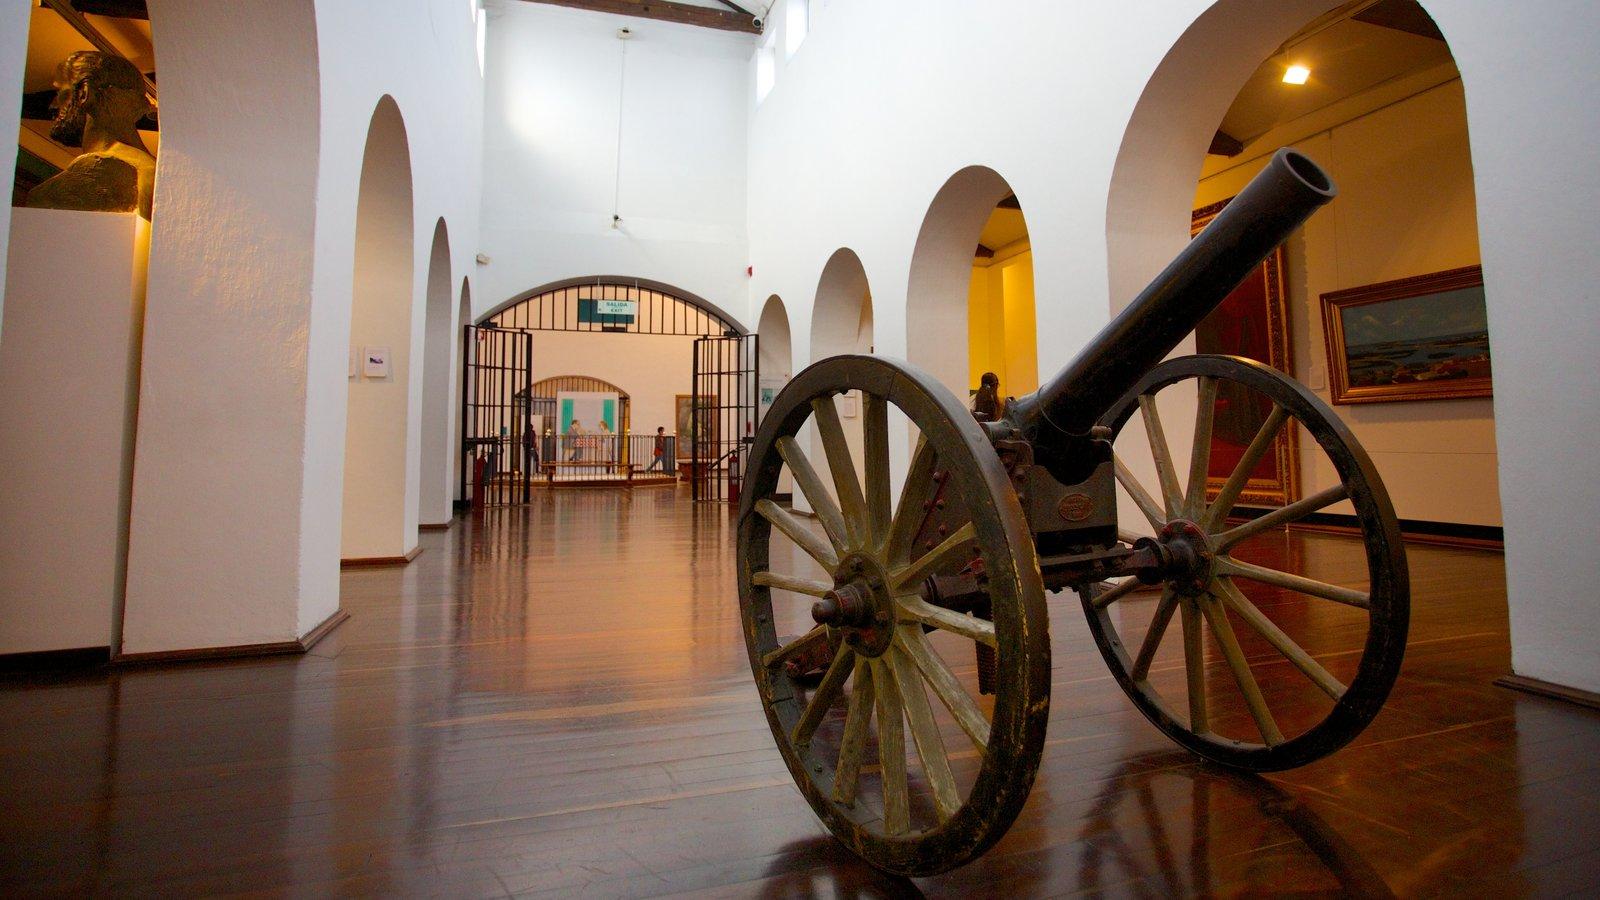 Museu Nacional mostrando vistas internas e itens militares